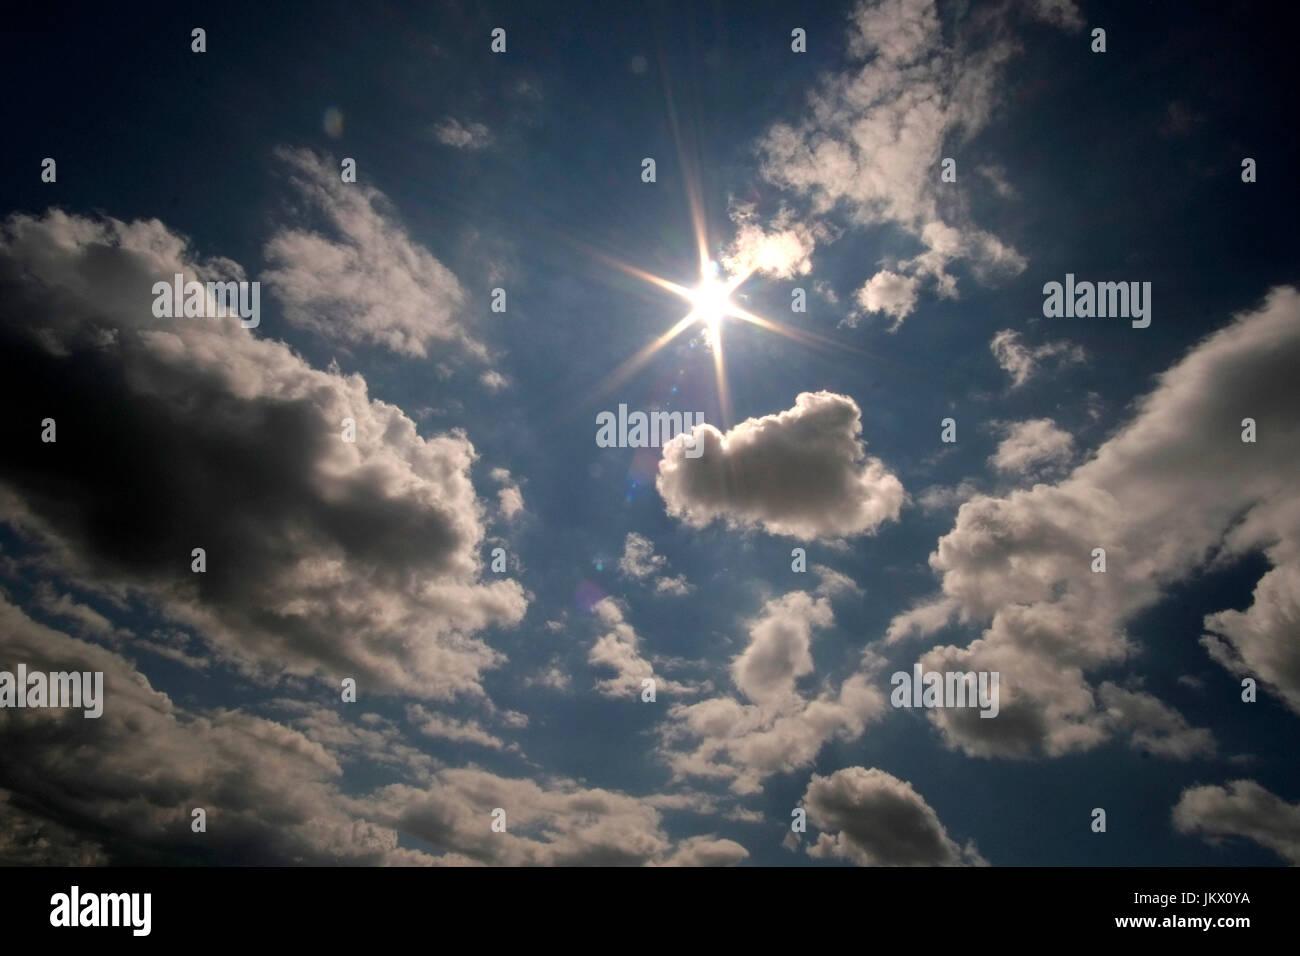 Un cielo azul con nubes blancas y un sol destello. Foto de stock